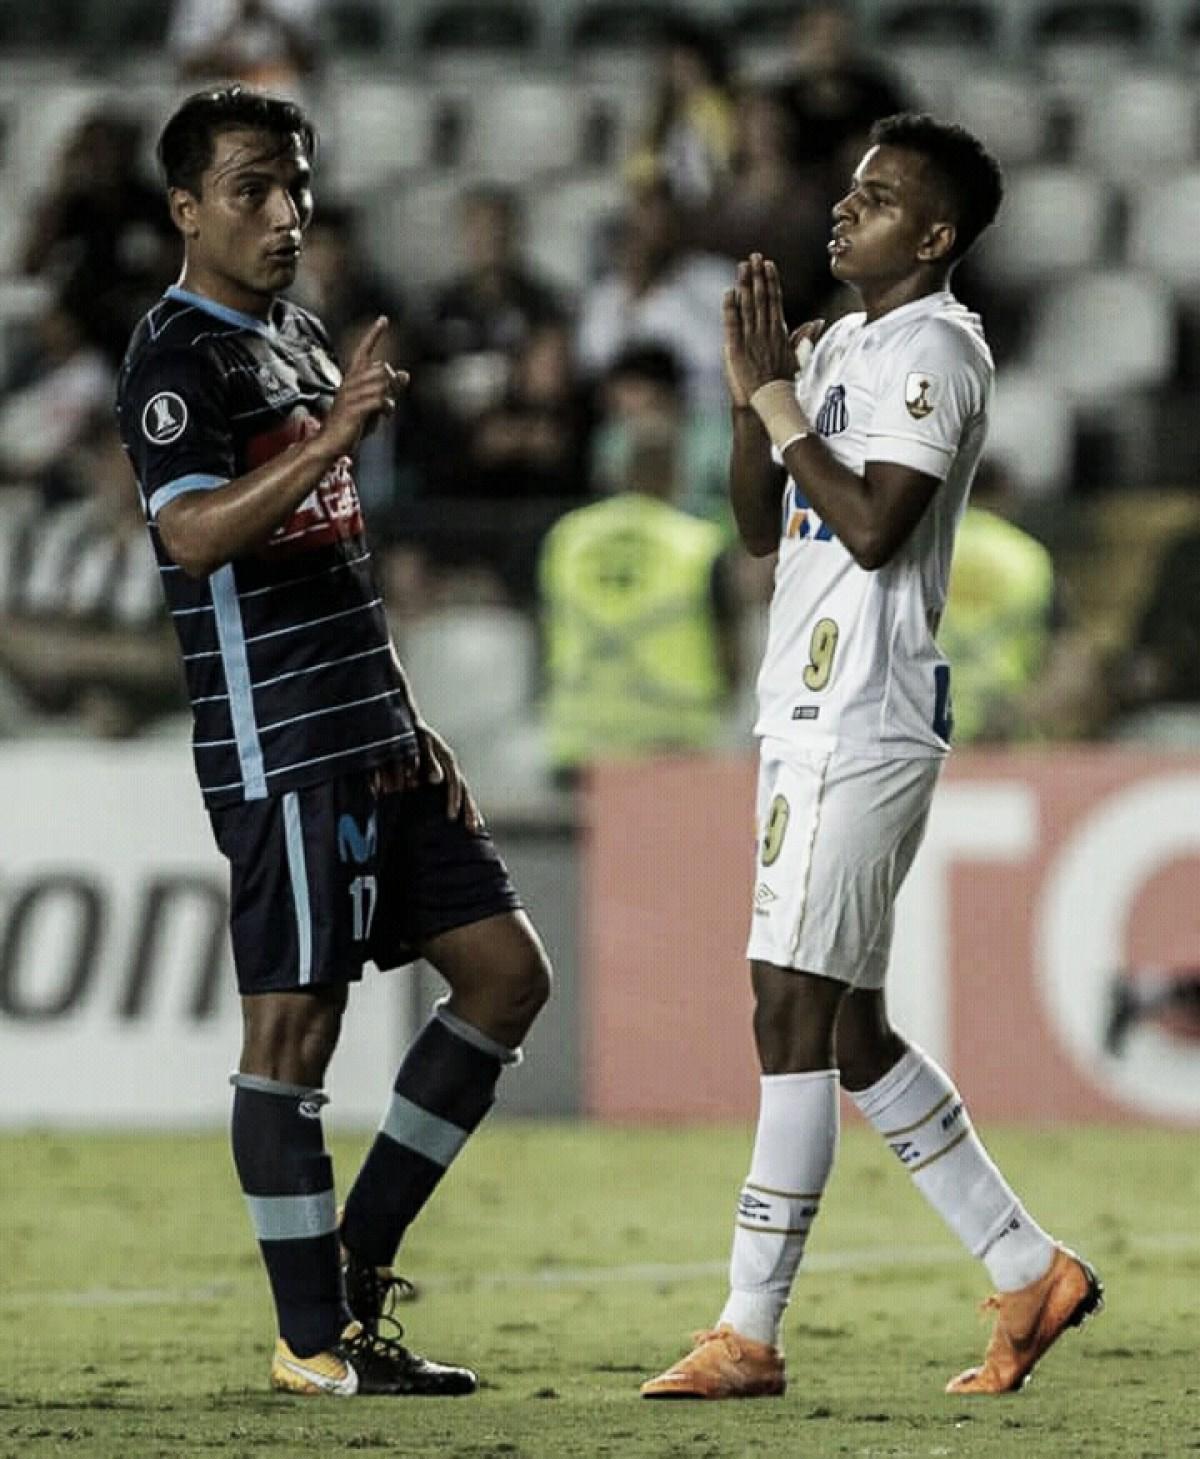 Faltou pontaria! Santos empata sem gols com Real Garcilaso e termina na liderança do grupo